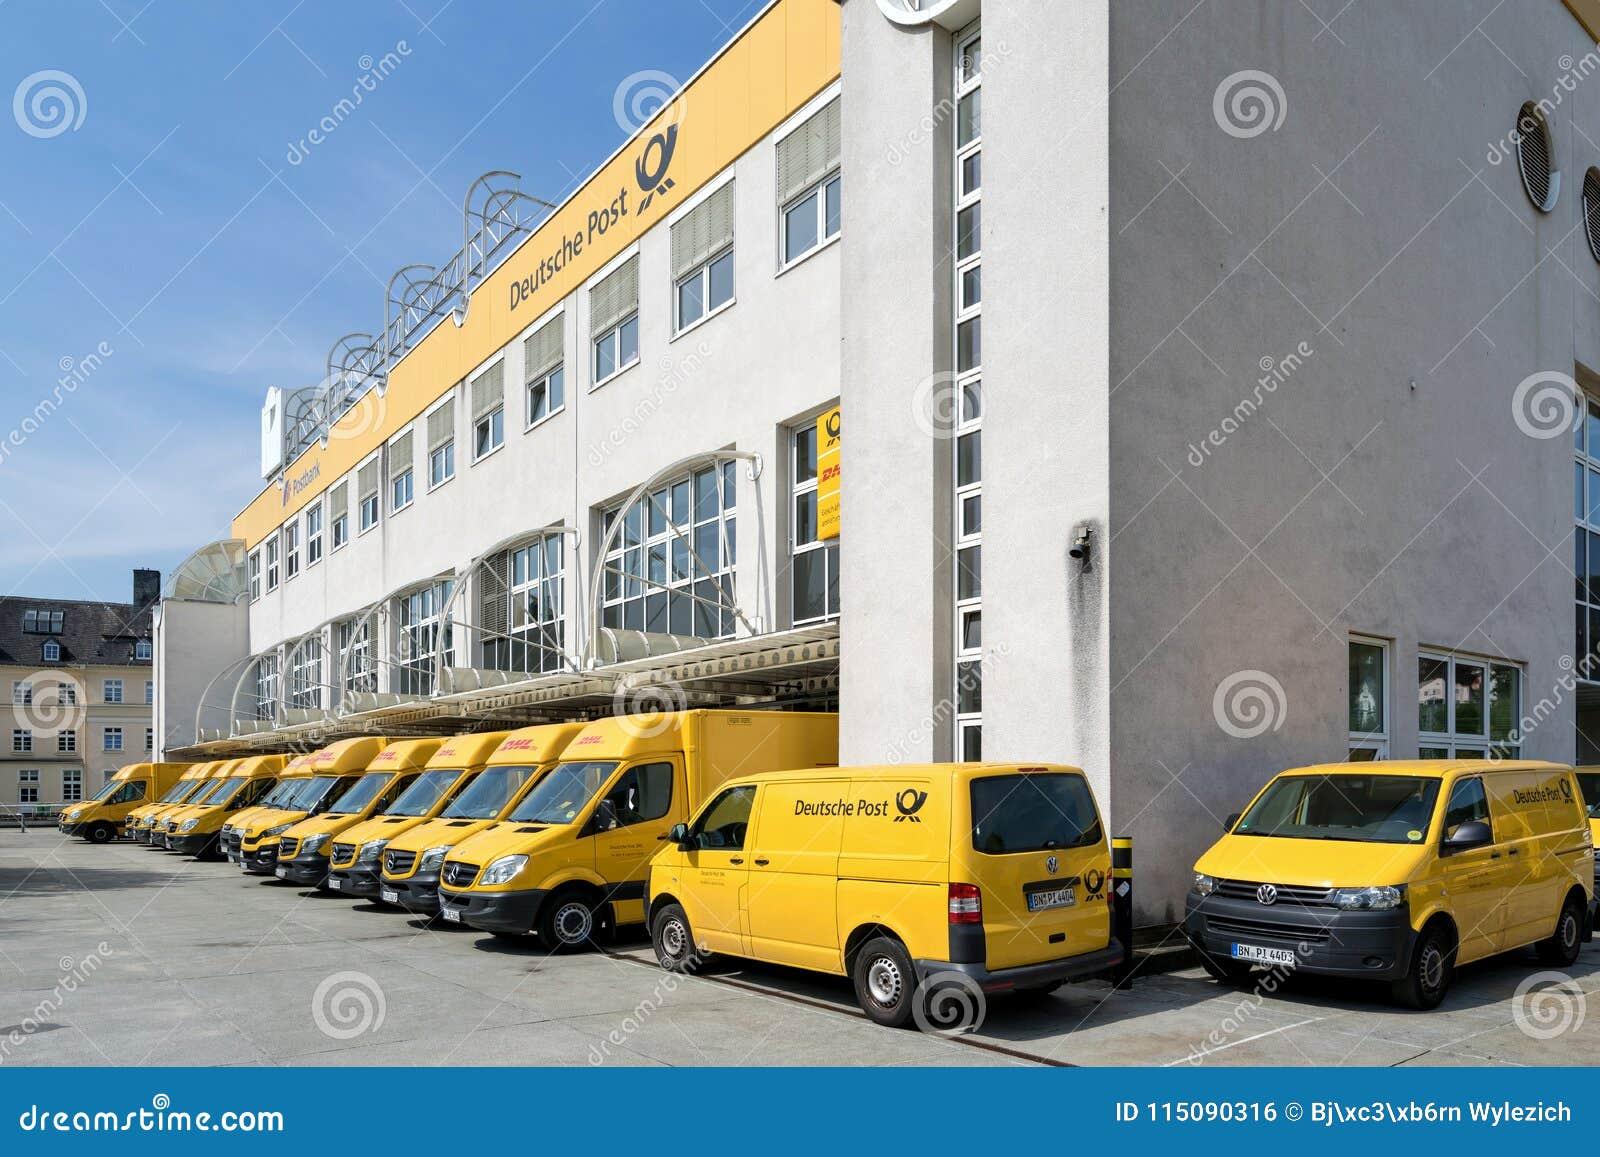 Dhl Lieferwagen Am Depot In Siegen Deutschland Redaktionelles Foto